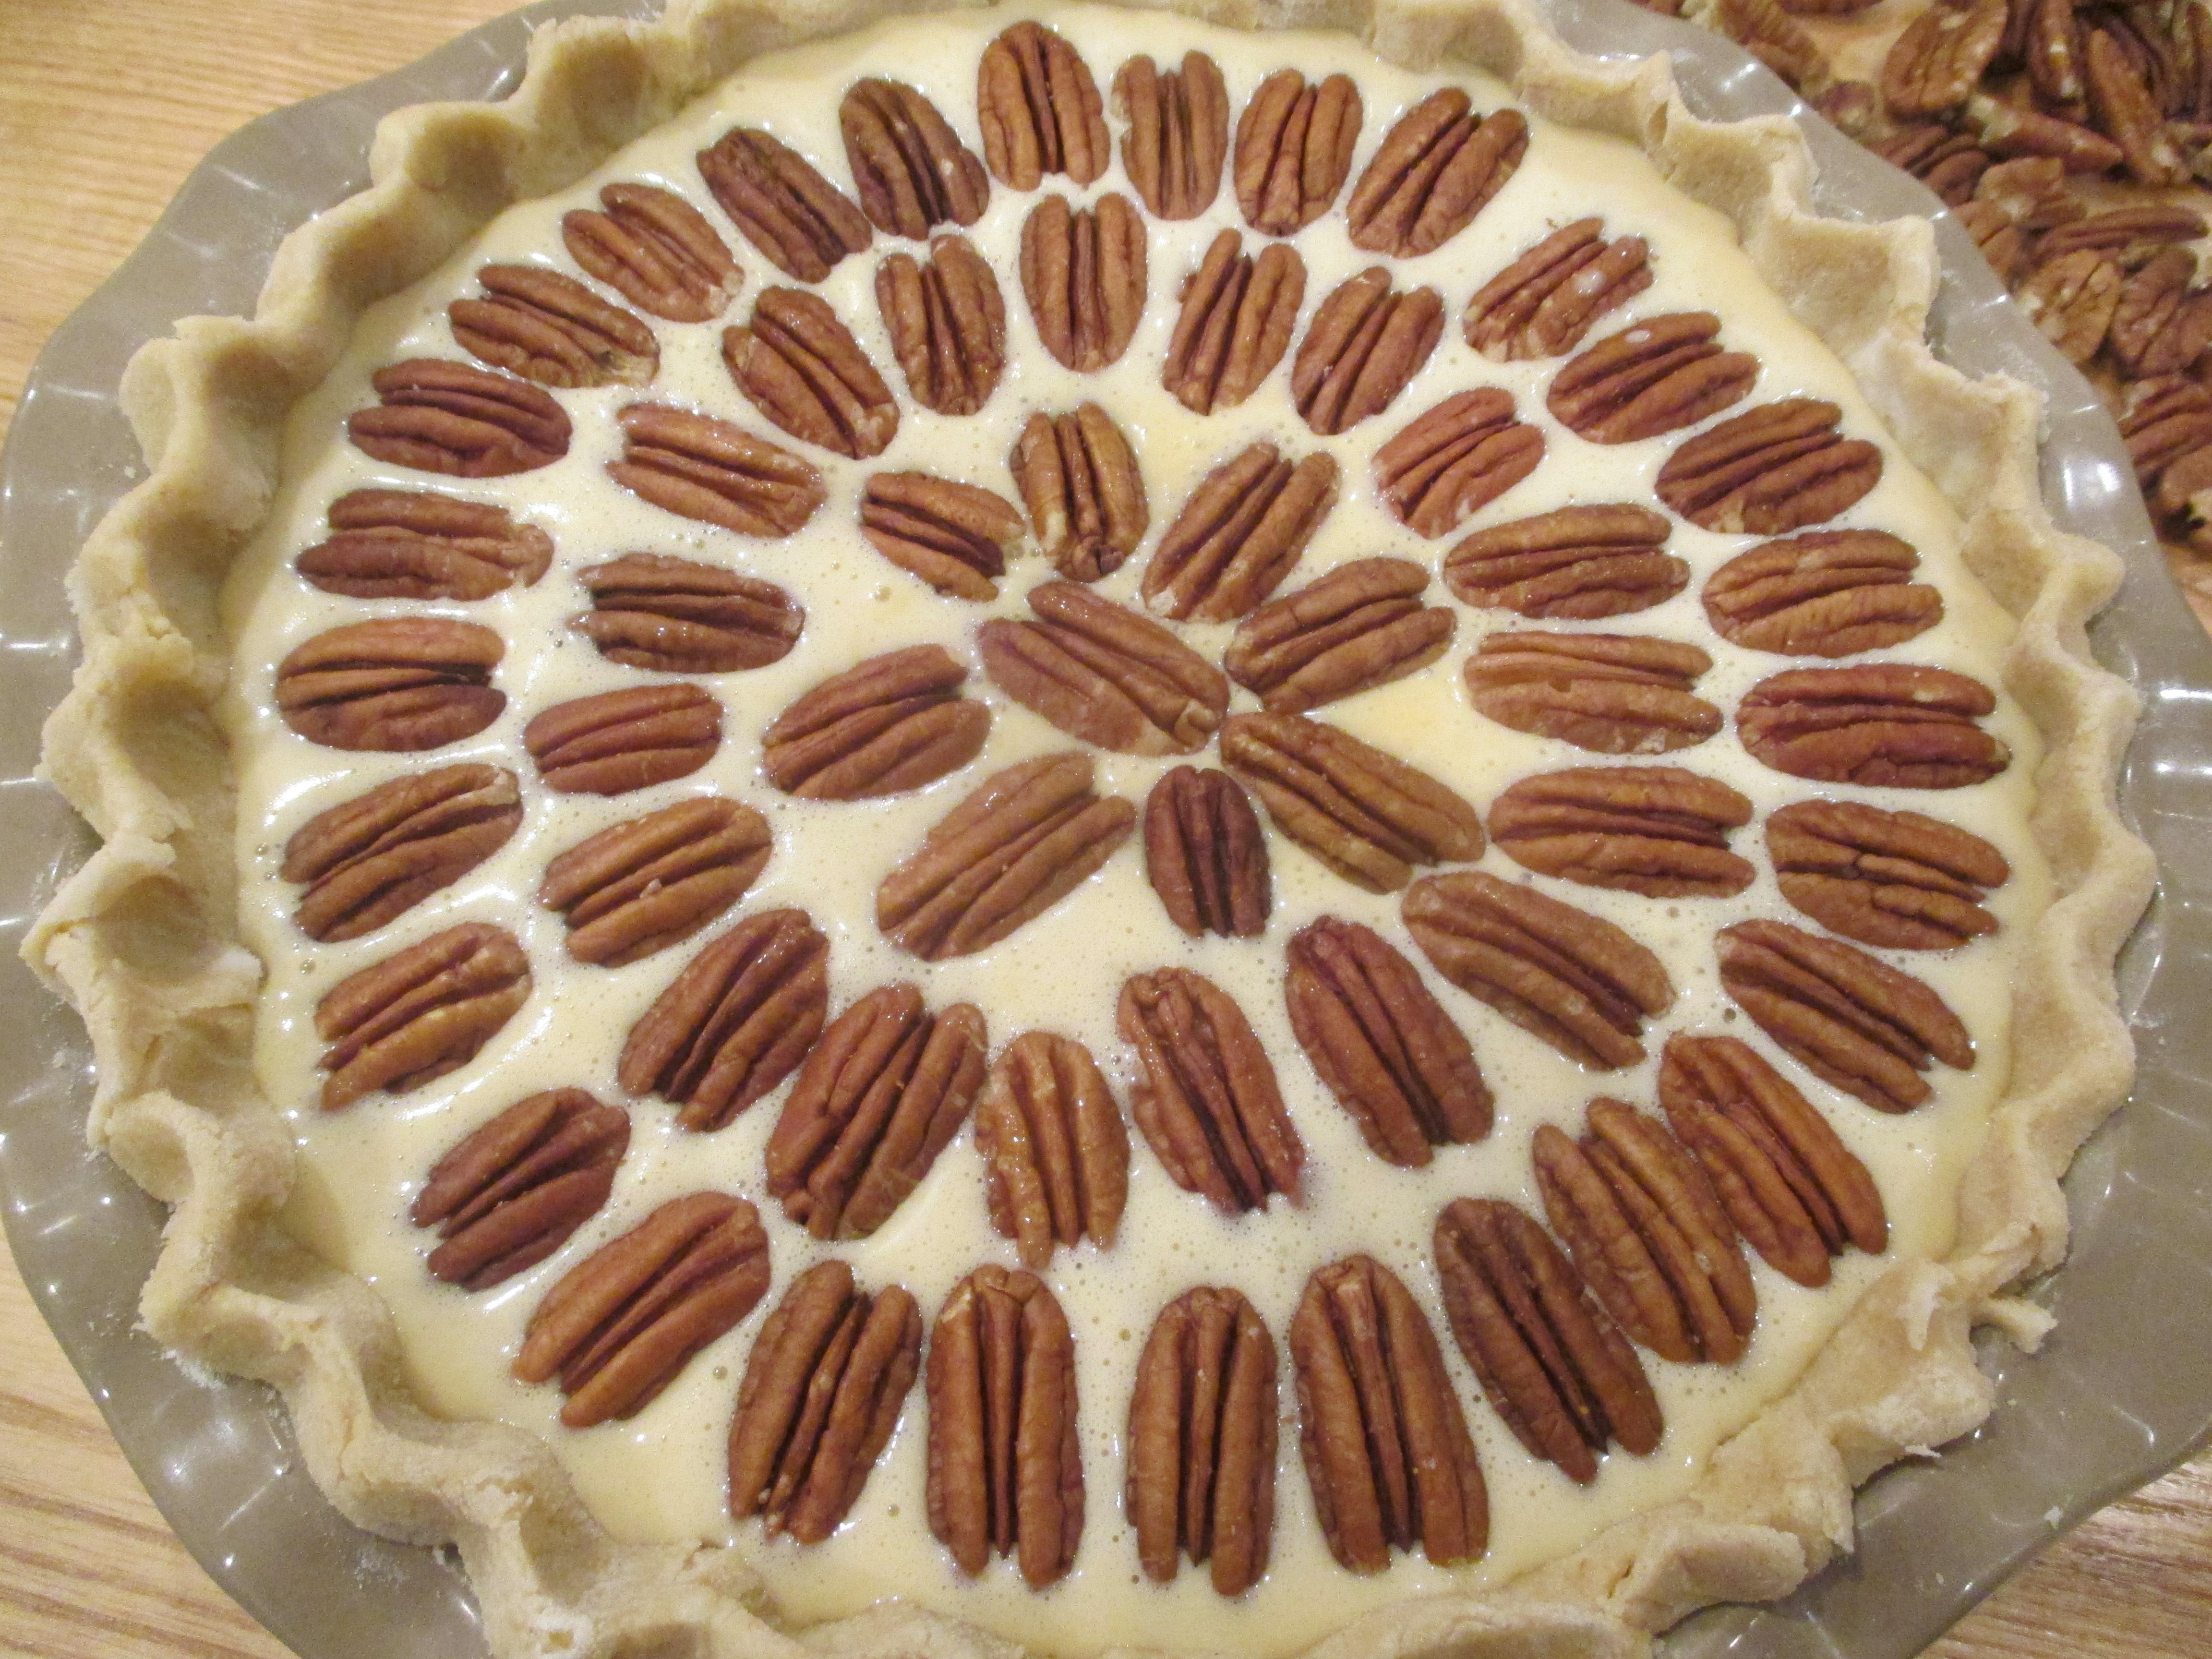 Pie Workshop - Gluten Free